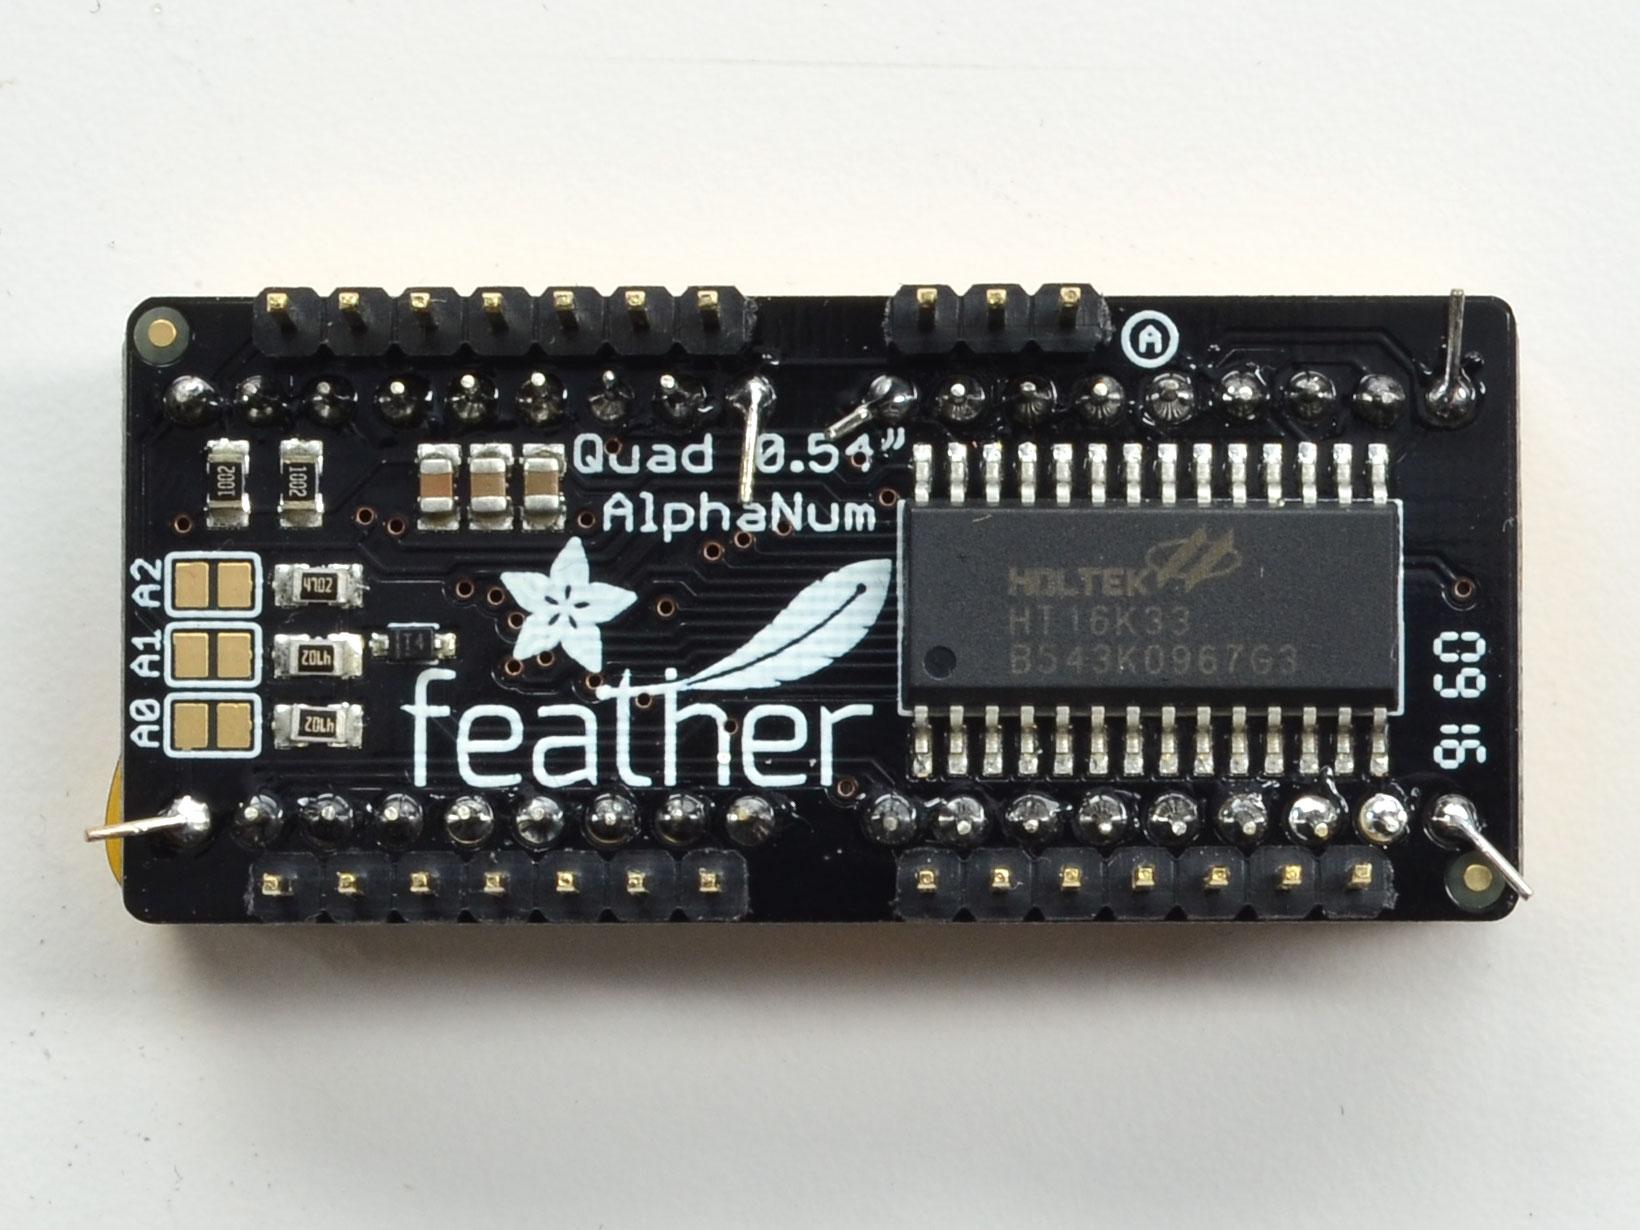 feather_solder14.jpg